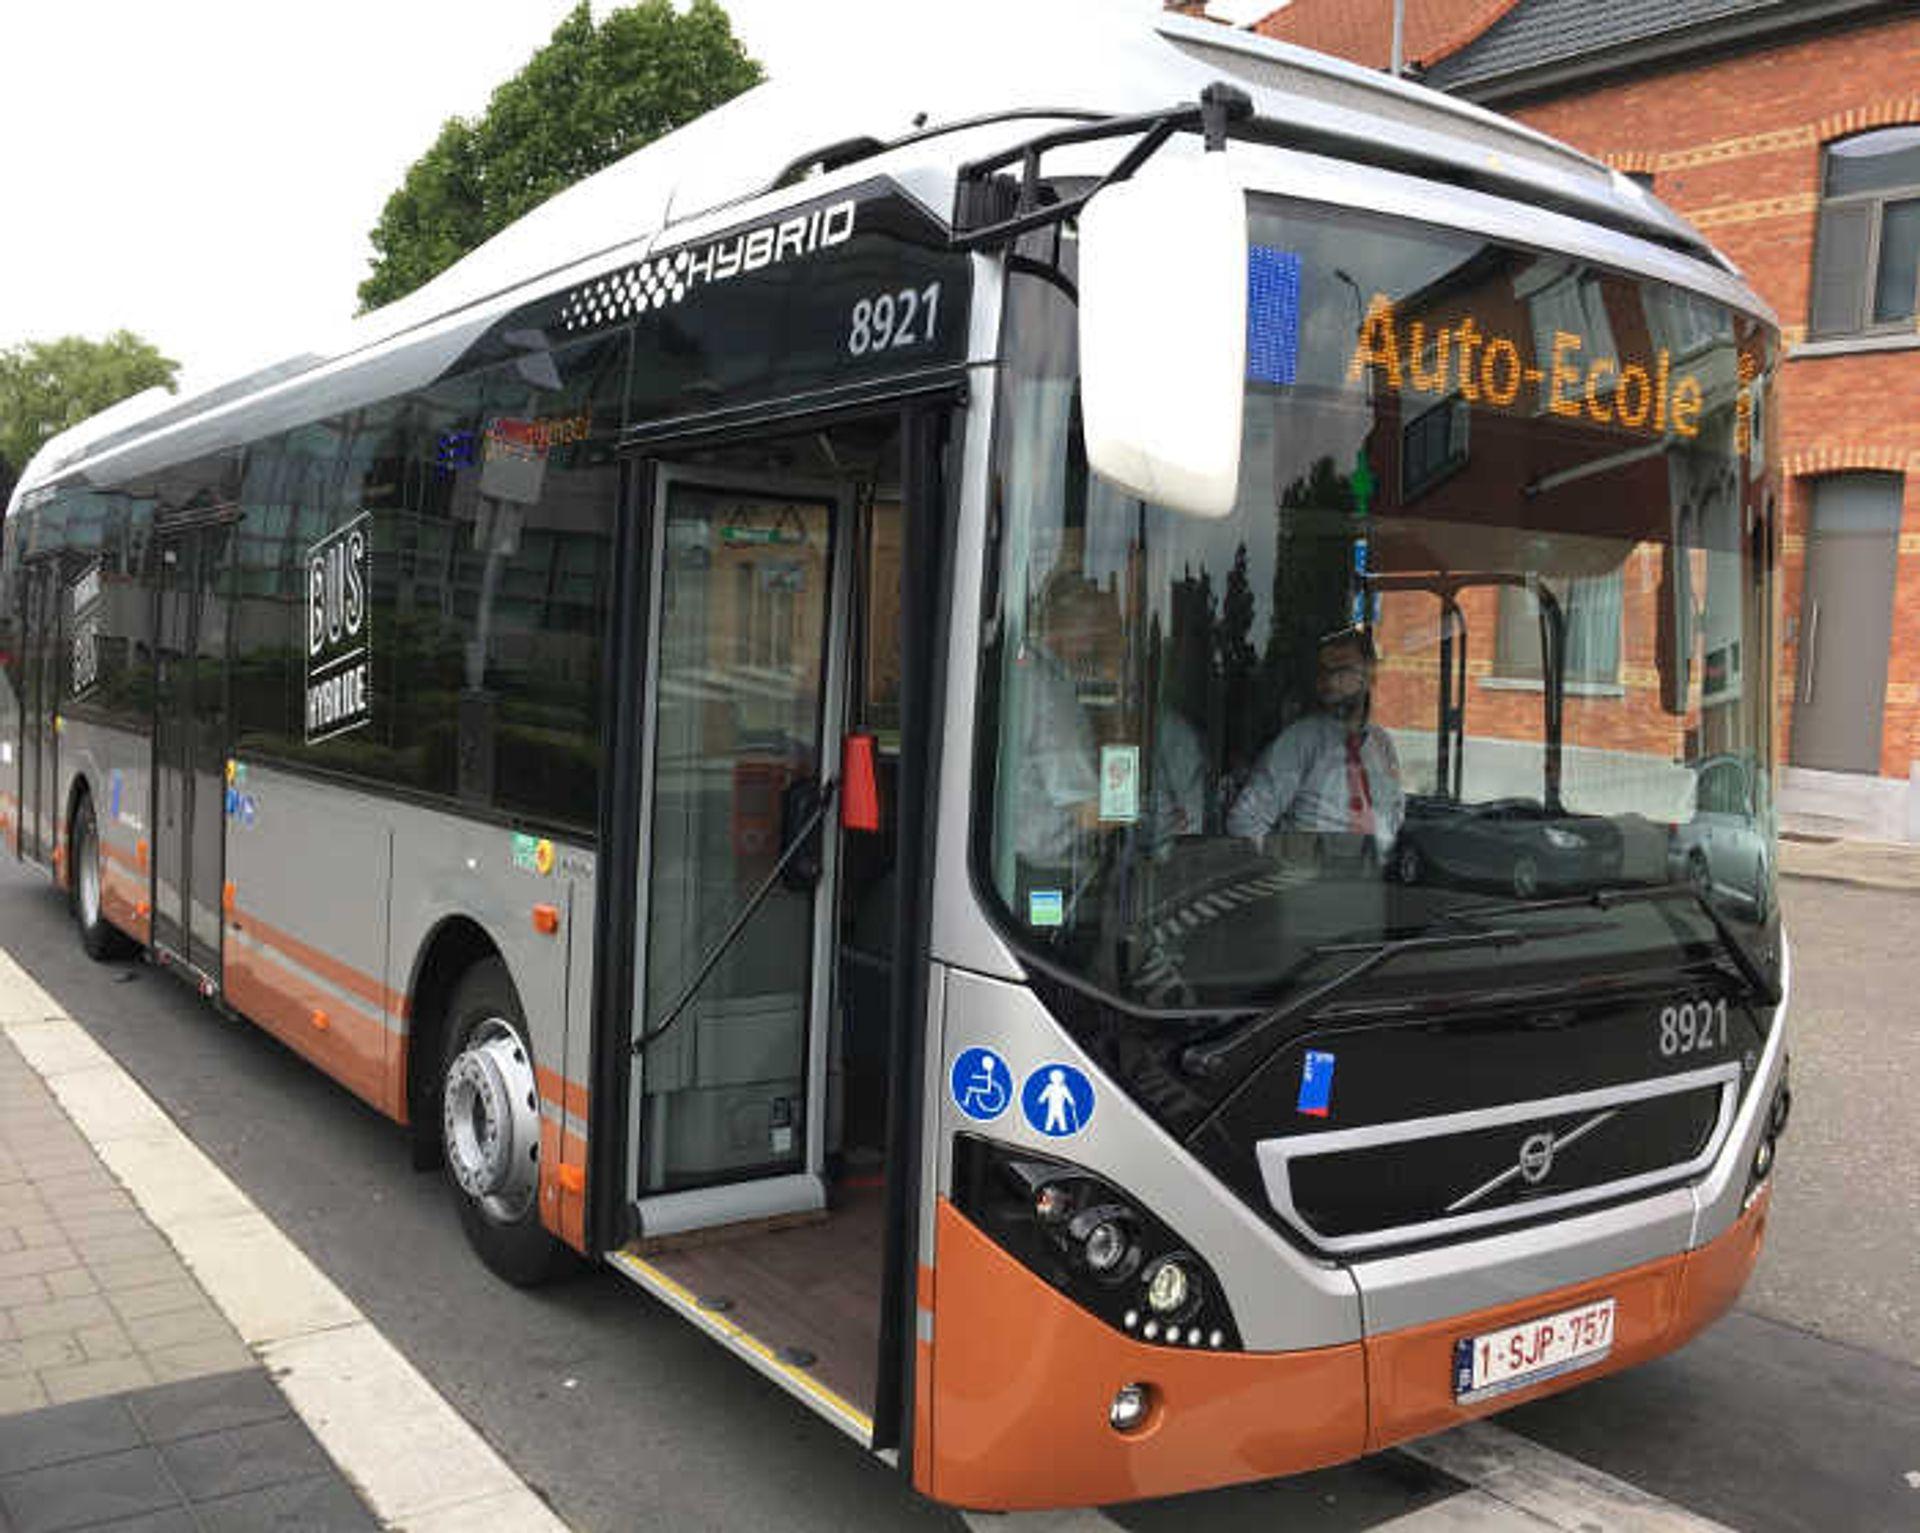 [Wrocław] Fabryka Volvo Buses dostarczy do Brukseli 90 autobusów hybrydowych